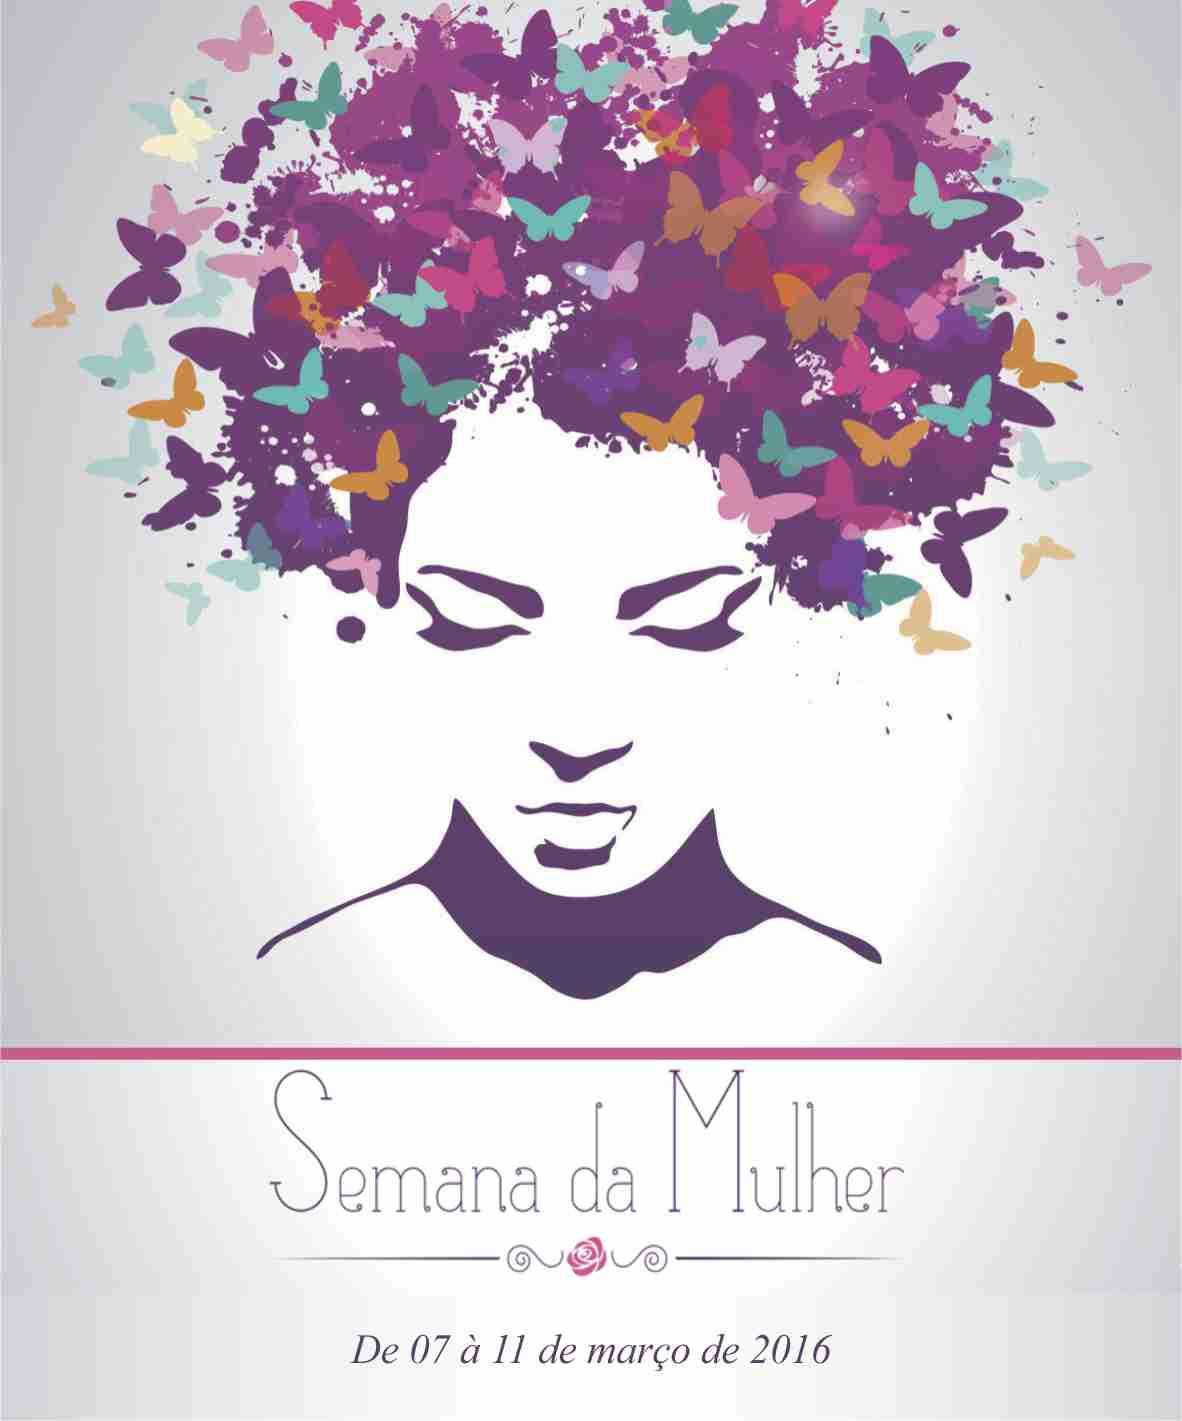 Semana da Mulher_Folder_Frente